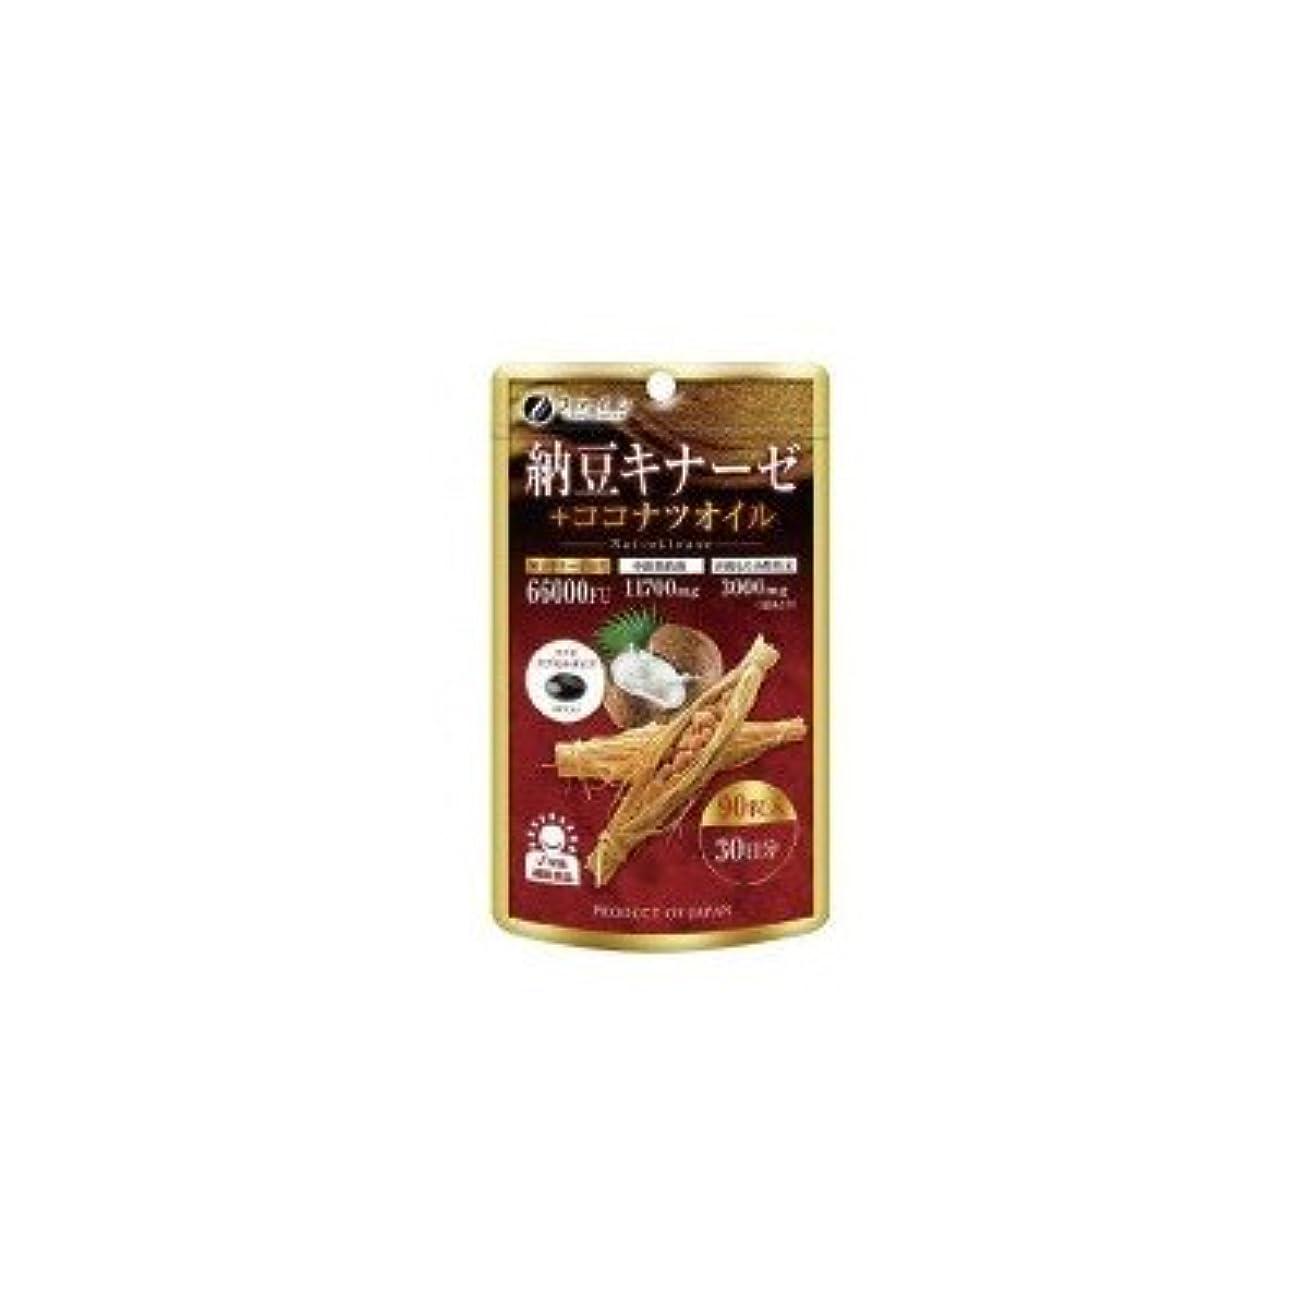 会員夫婦本部ファイン 納豆キナーゼ+ココナツオイル 40.5g(450mg×90粒)